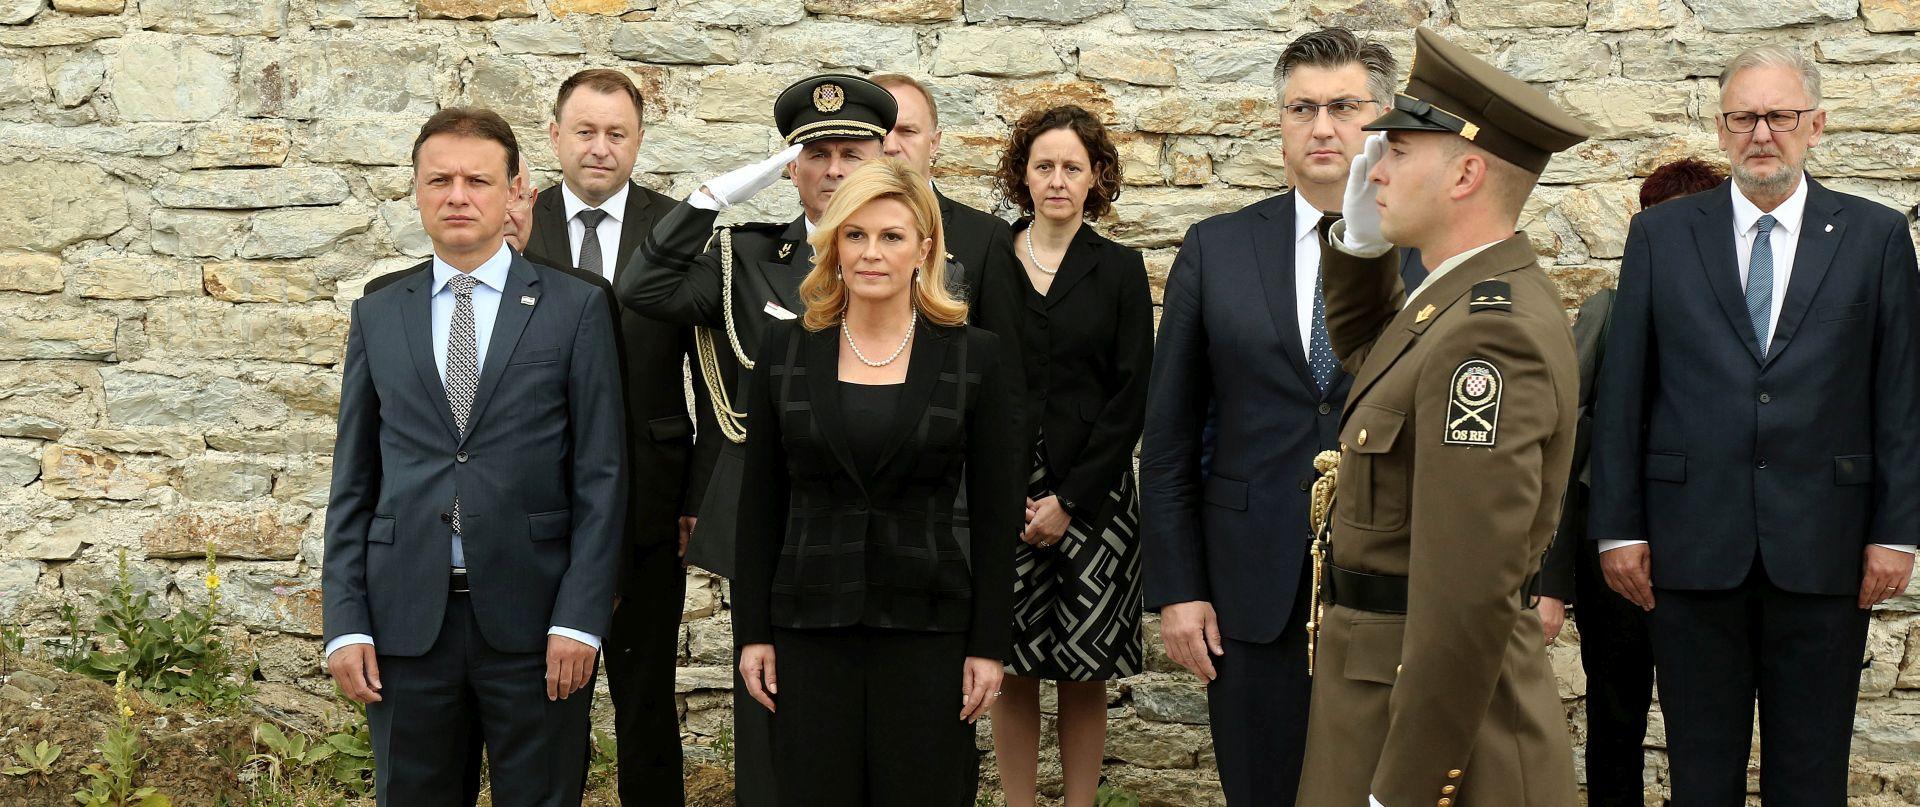 FOTO: Državni vrh odao počast poginulima za Domovinu